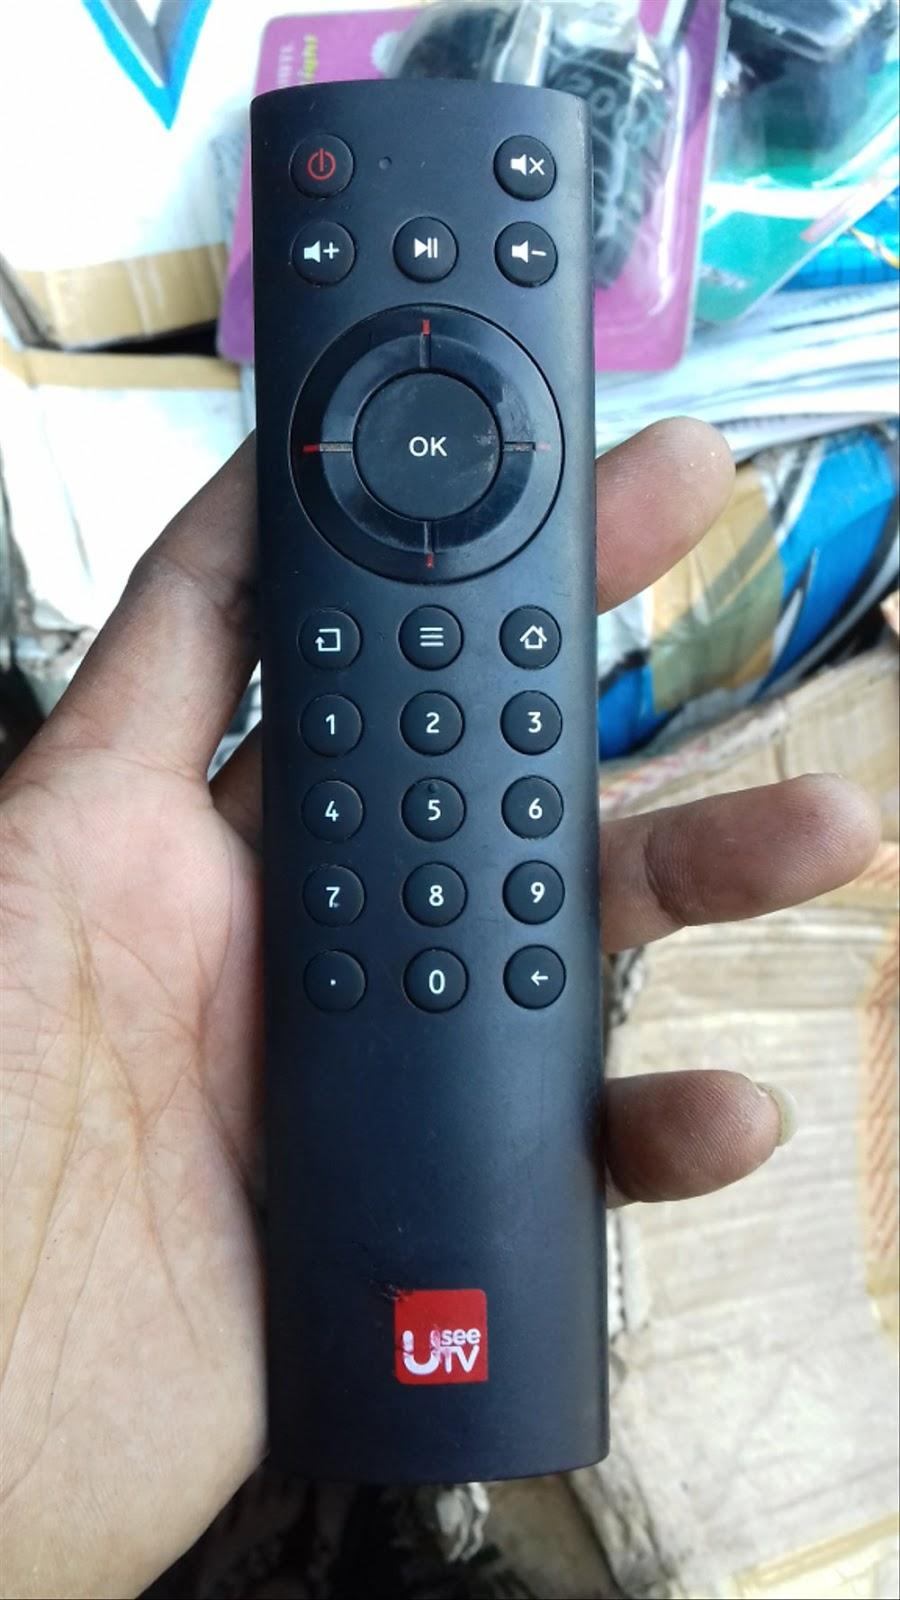 Cara Setting Tv Indihome : setting, indihome, Channel, Indihome, Tidak, Lengkap